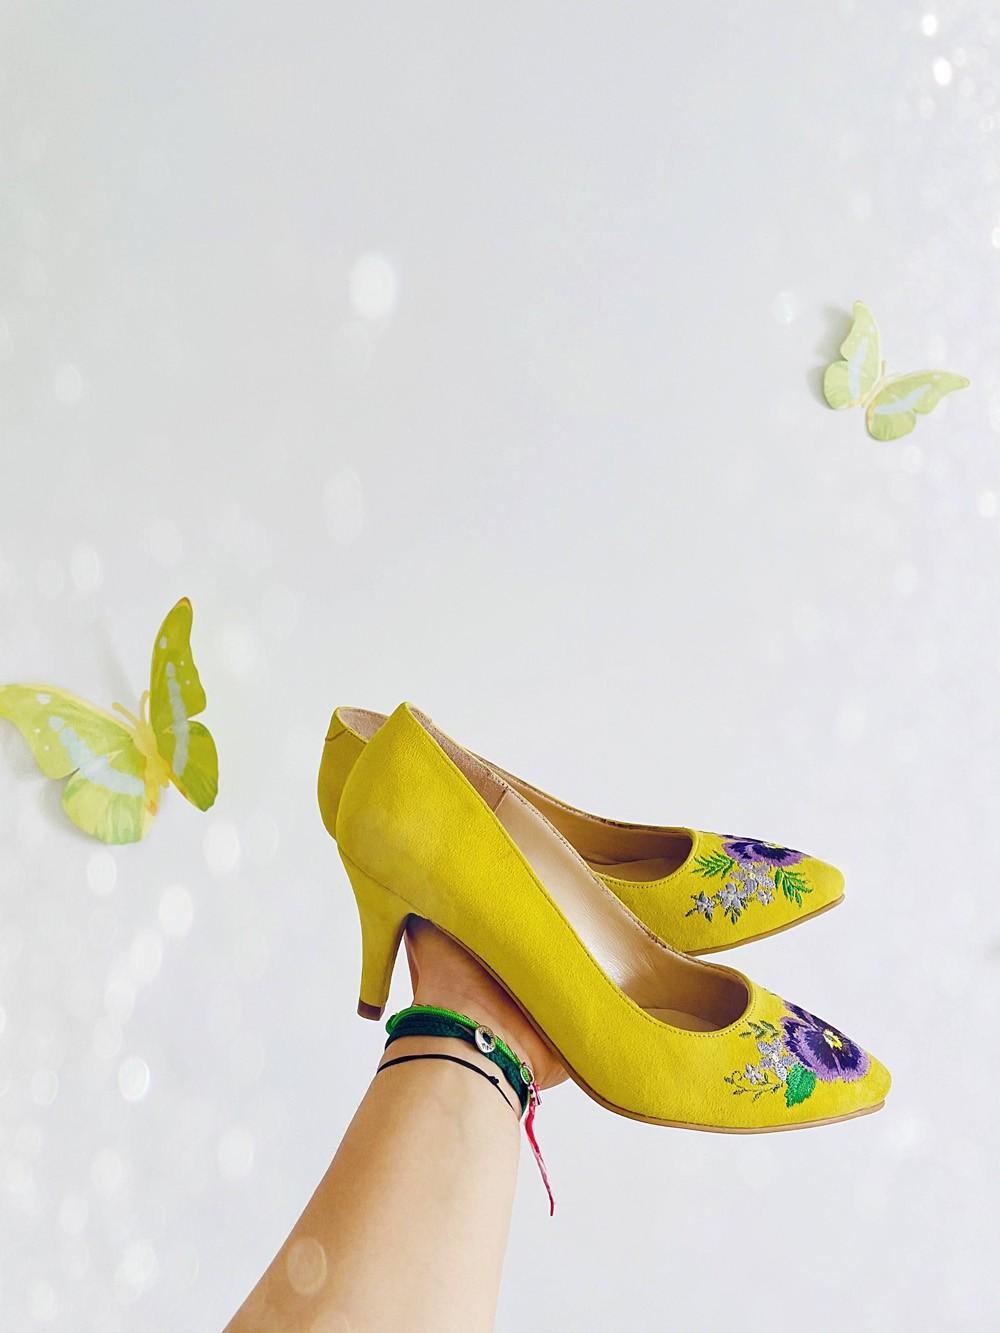 Pantofi dama stiletto cu toc mic si broderie din flori multicolor - Galben